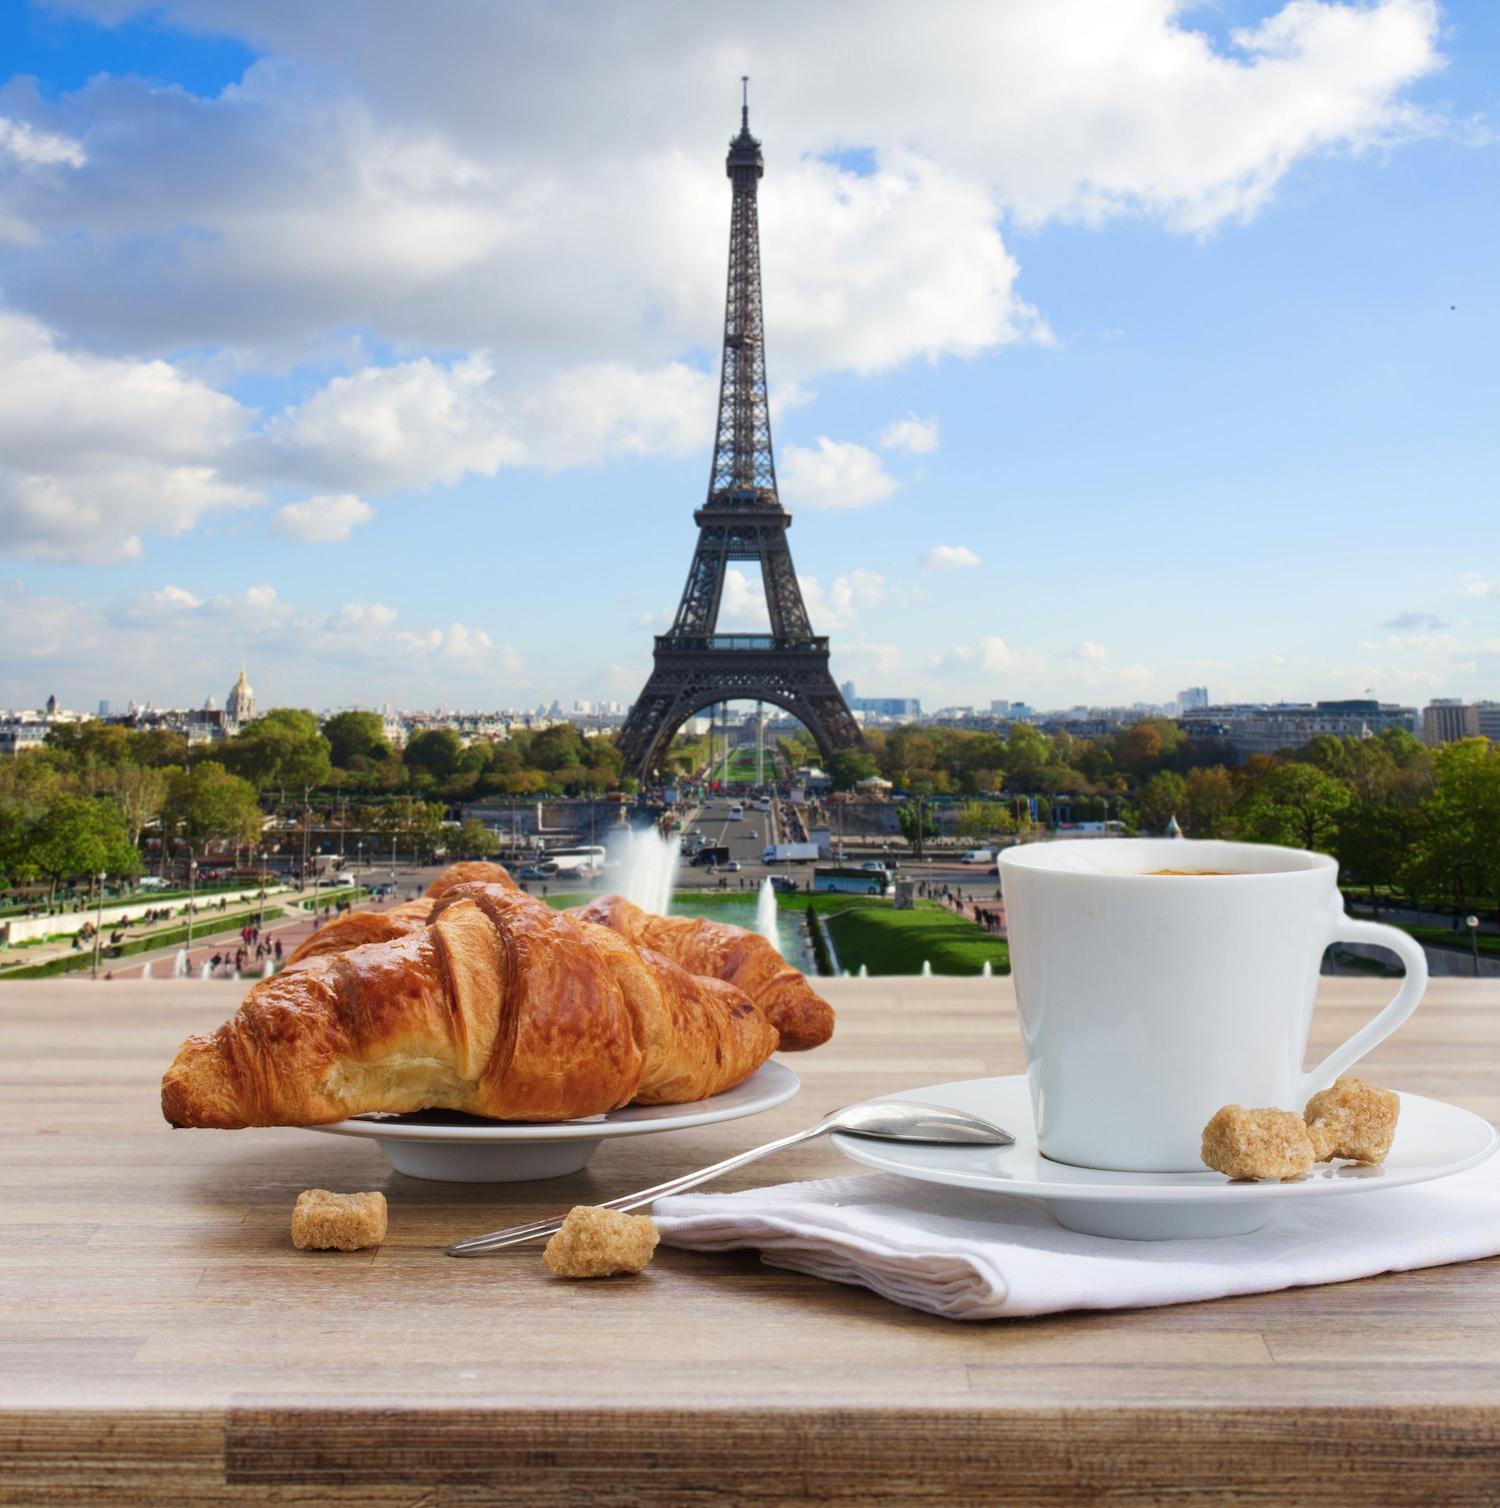 Croissant- Paris